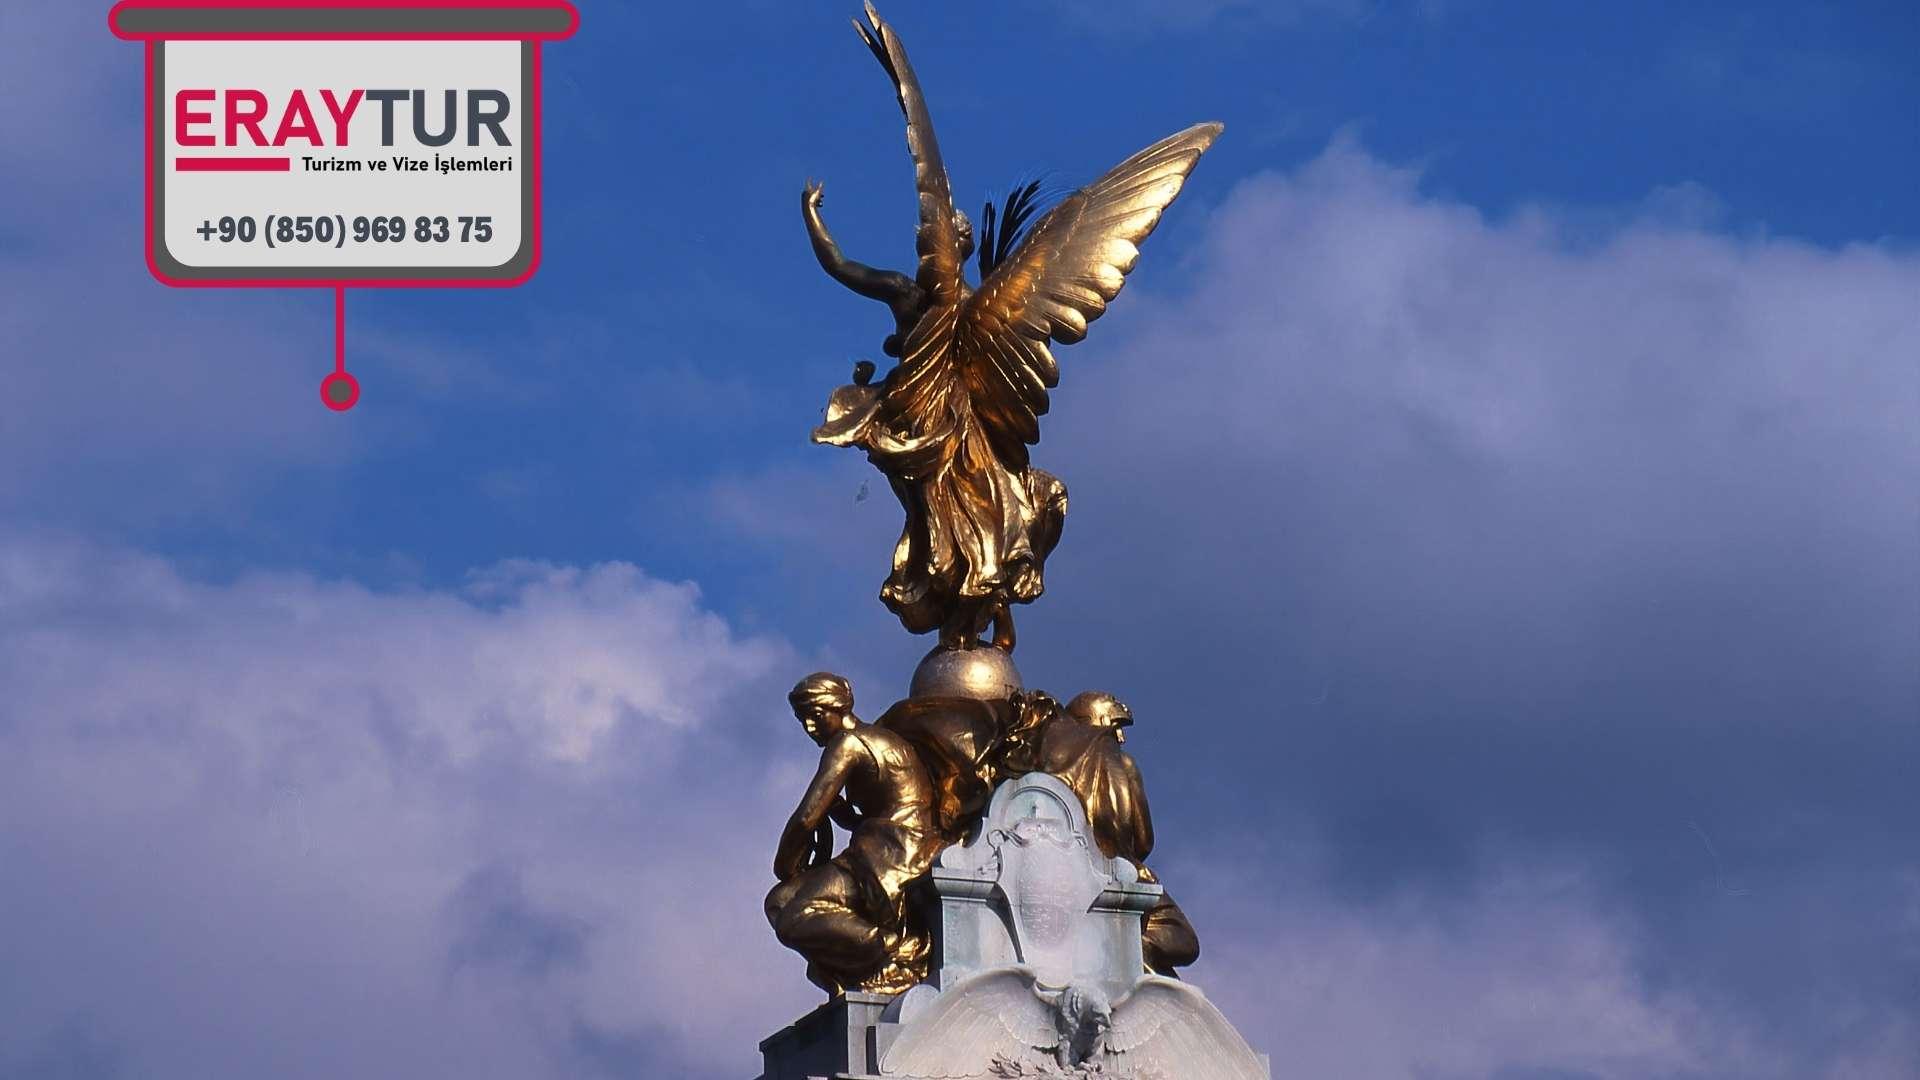 İngiltere Vize Ücreti Hakkında Bilinmesi Gerekenler